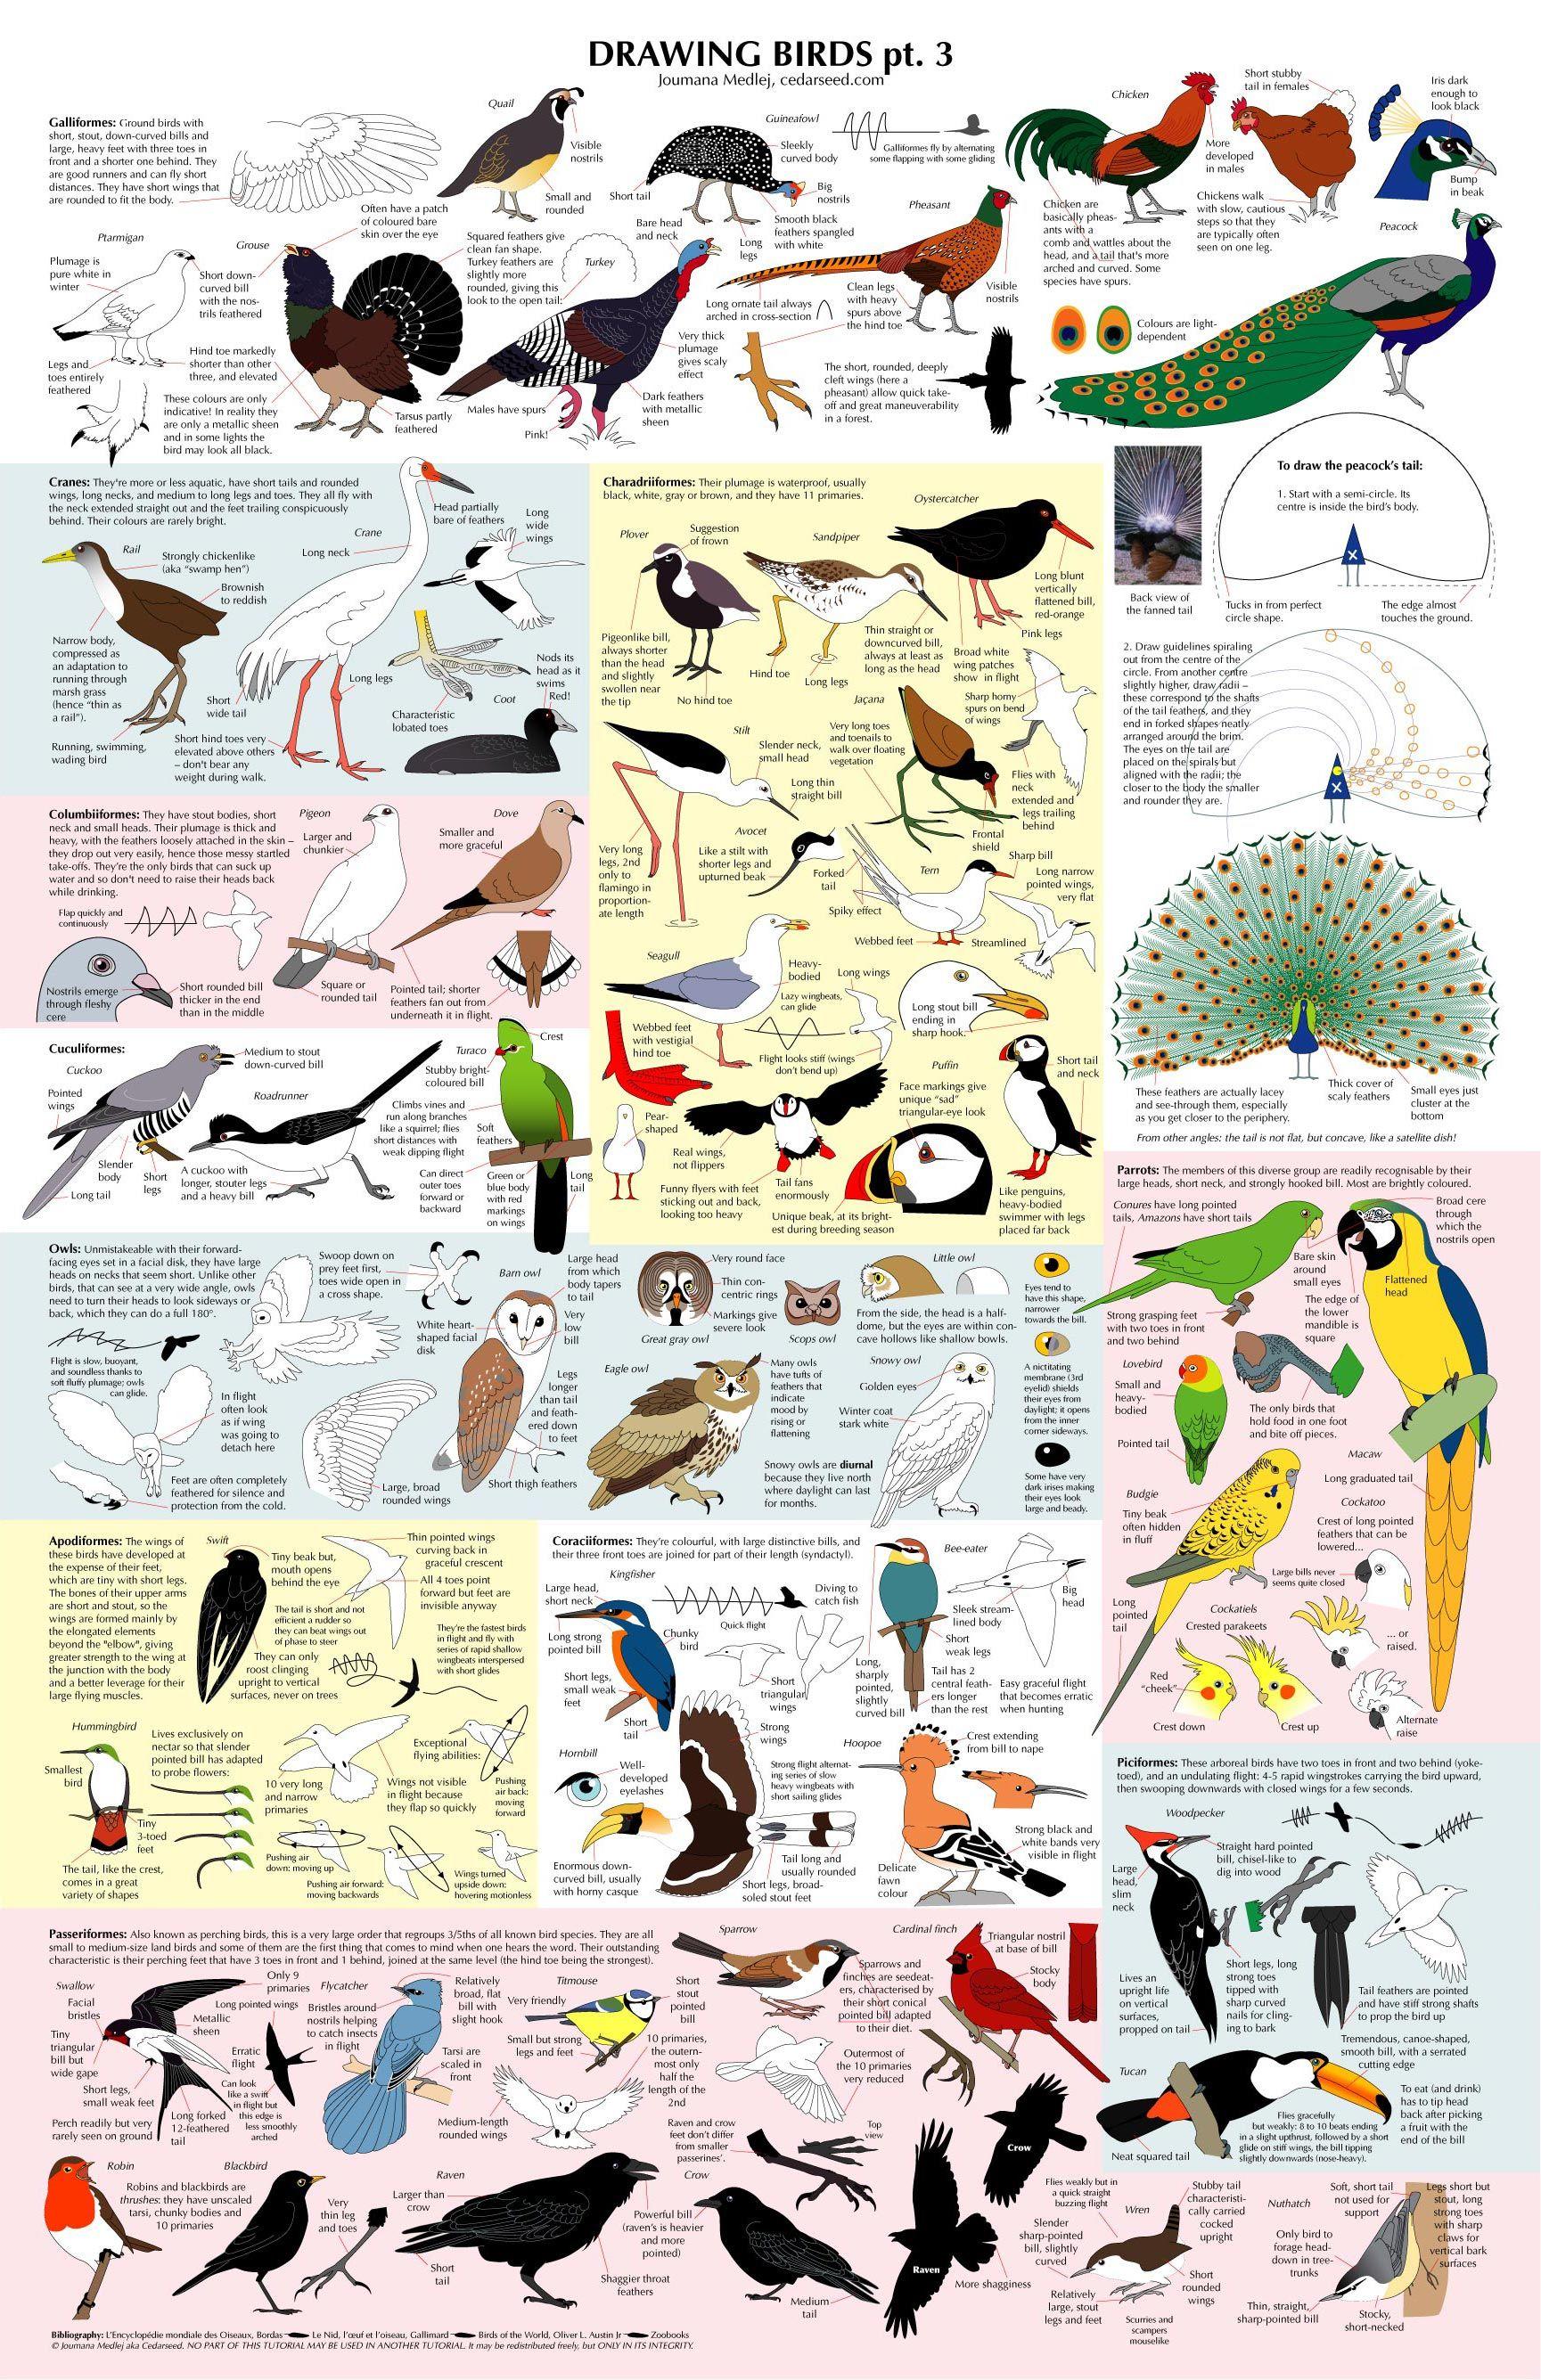 Pássaros pássaros pássaros